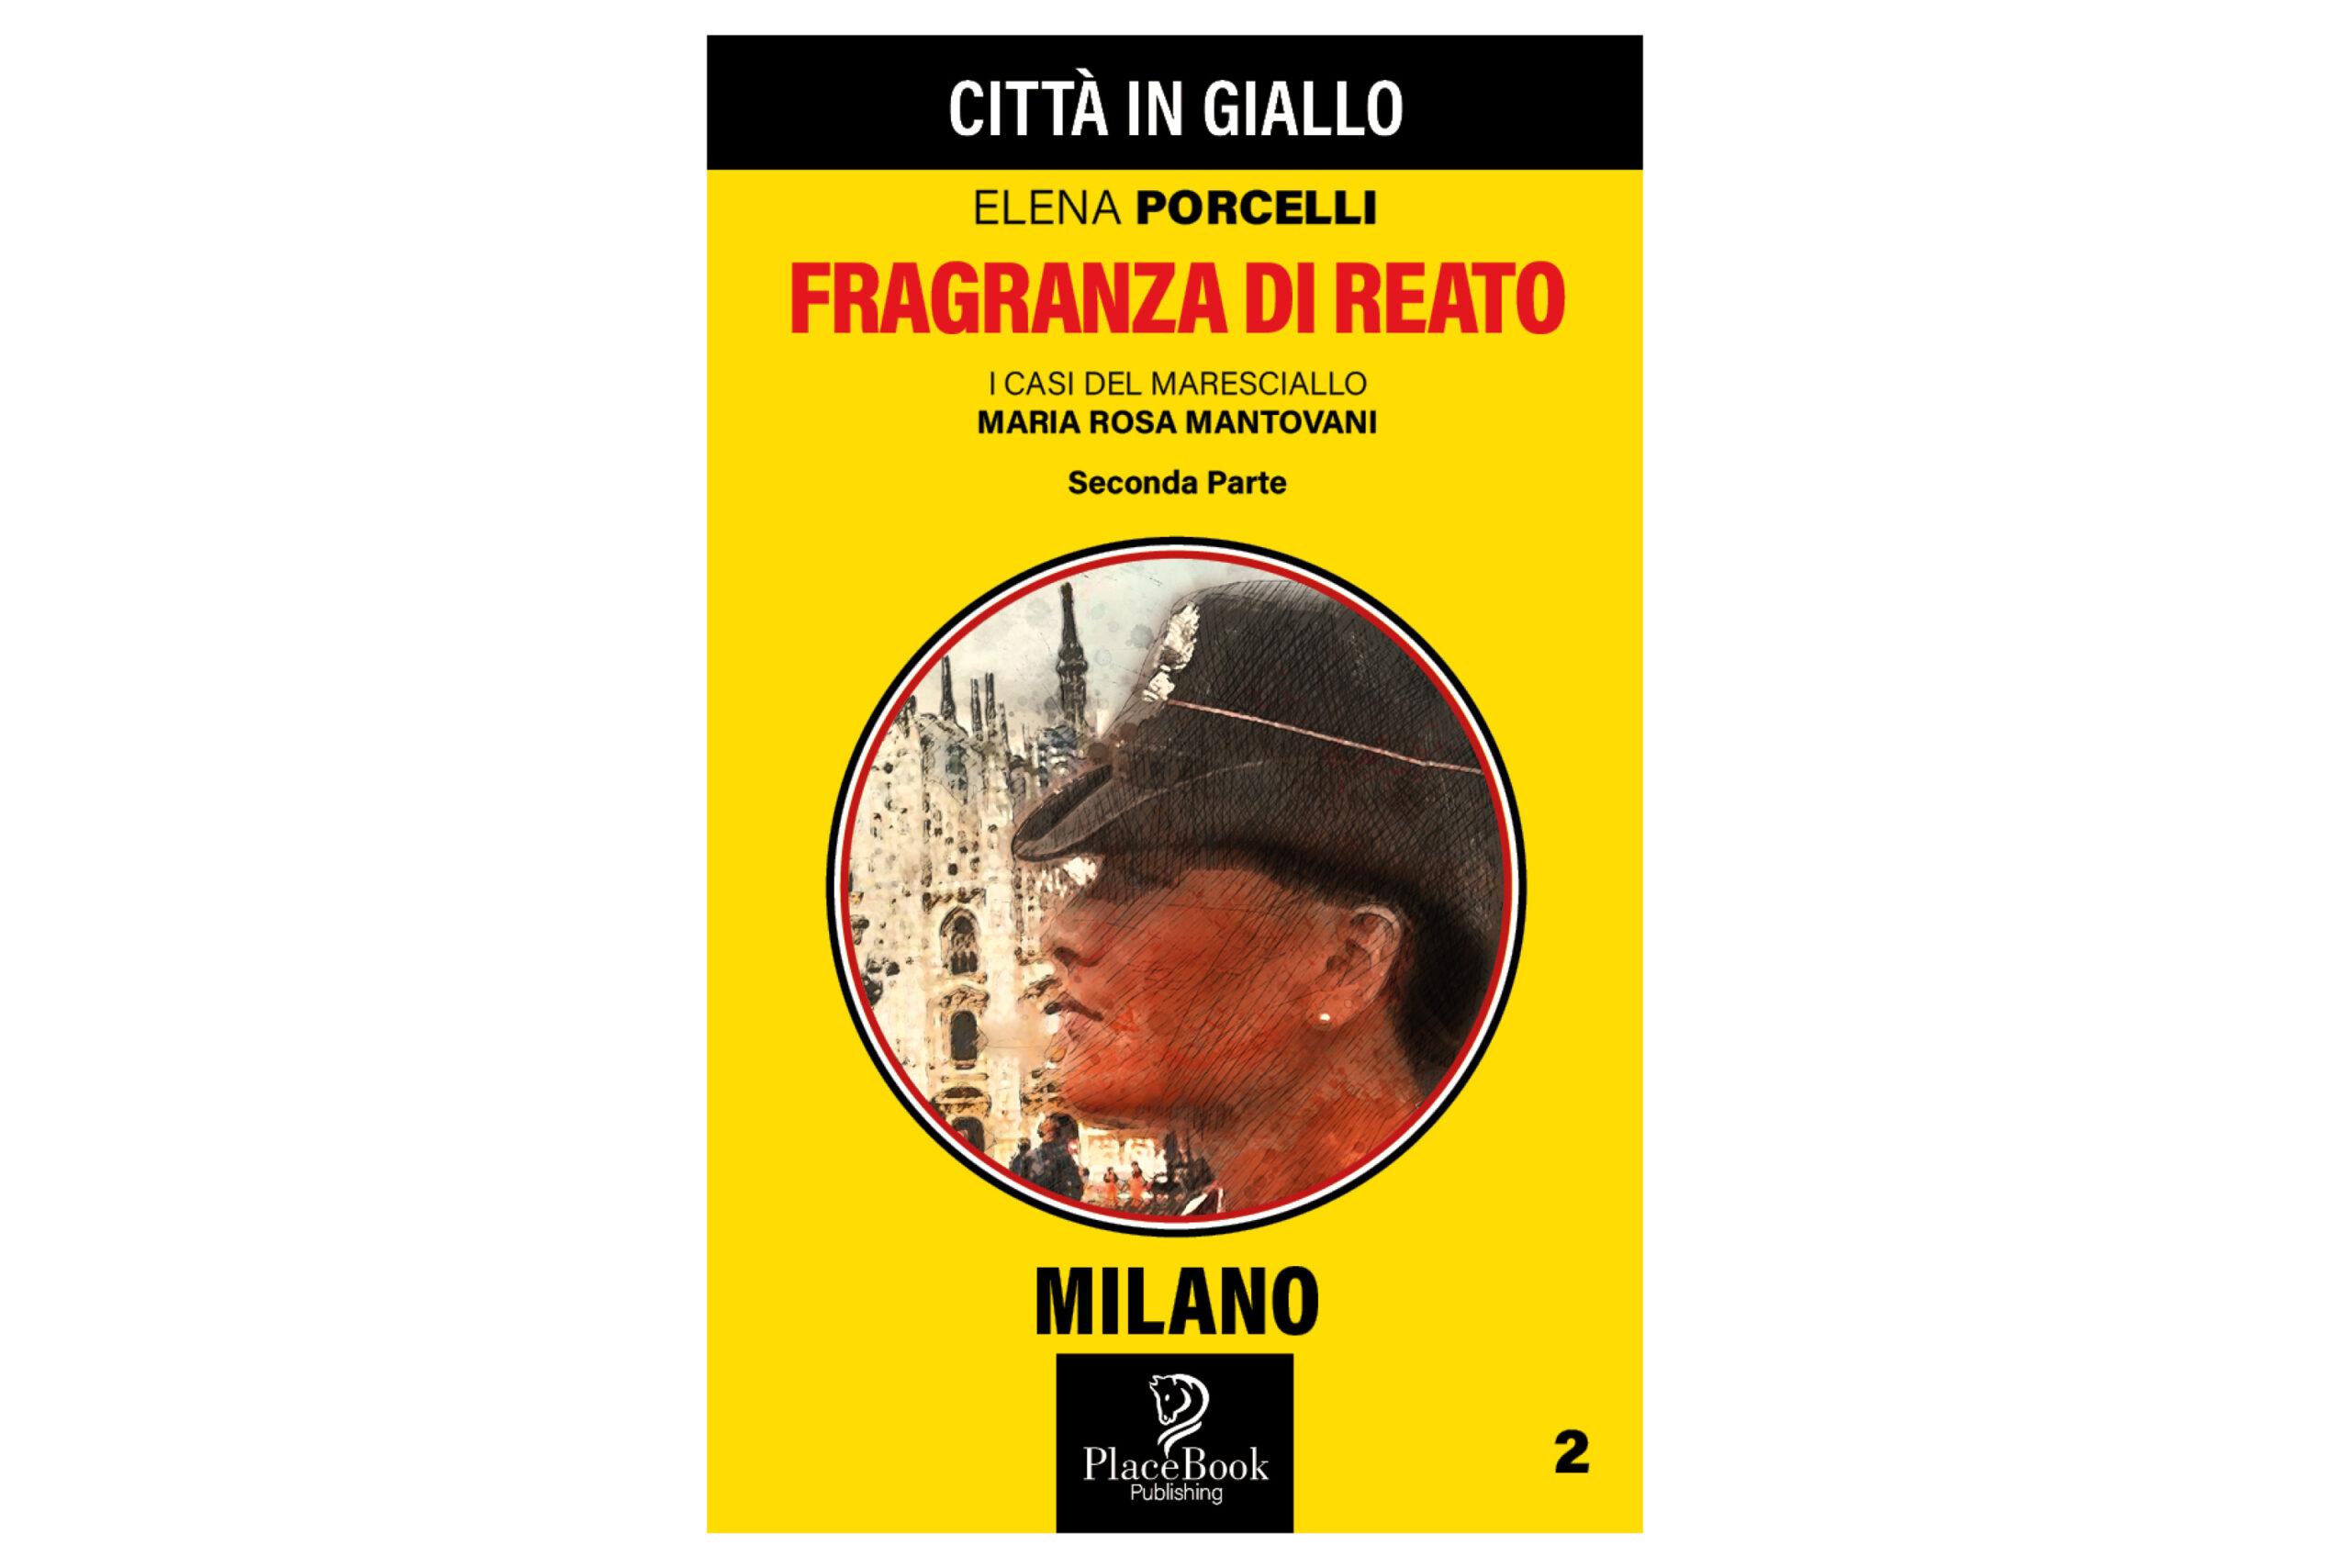 Fragranza di reato – Seconda parte – Milano 2